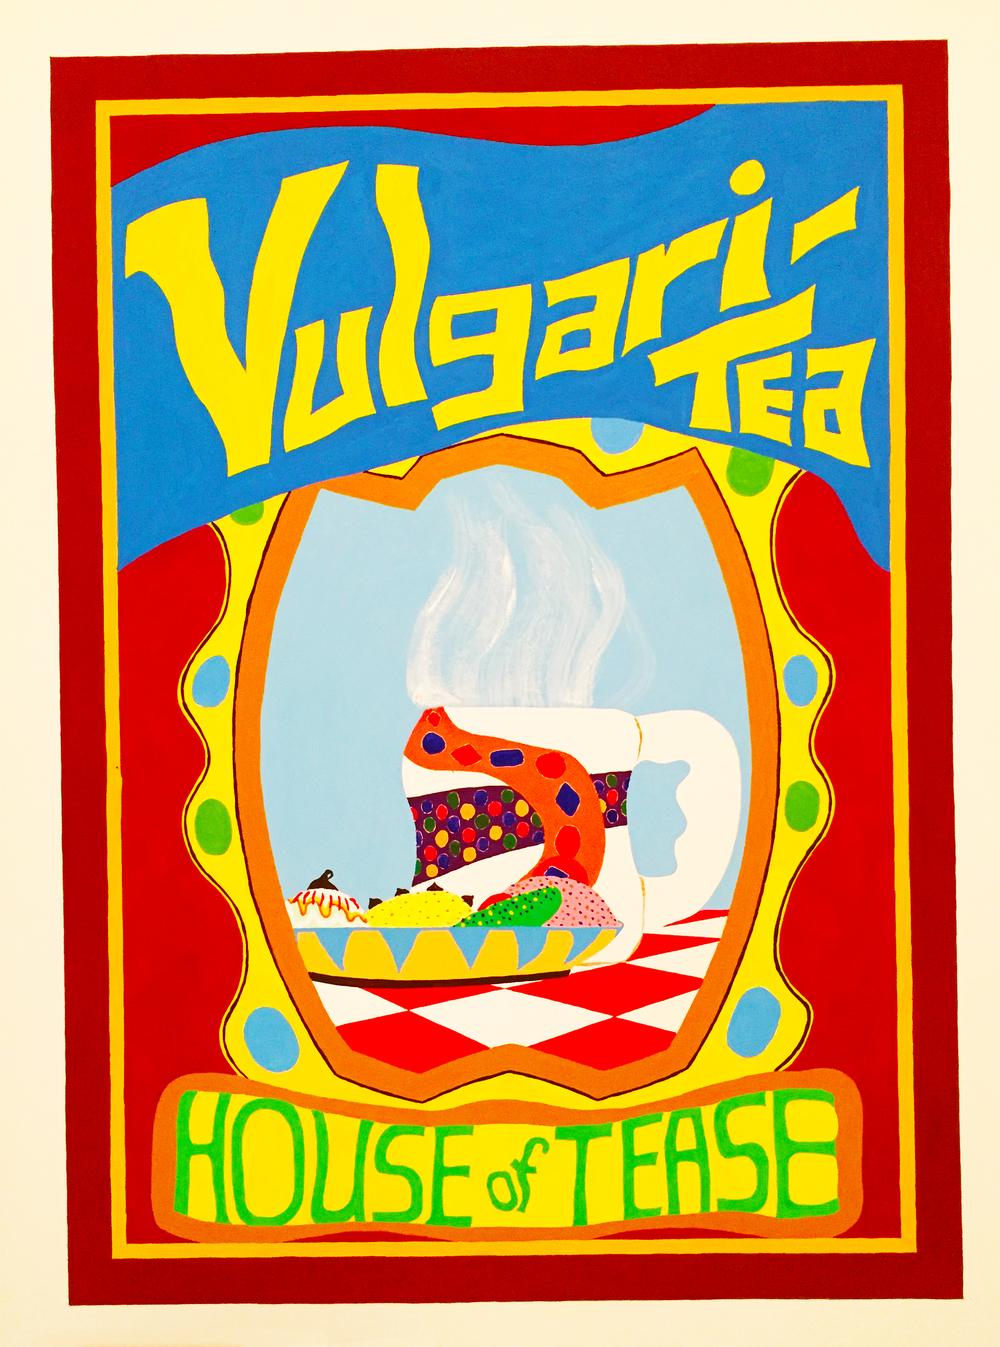 Vulgari-Tea